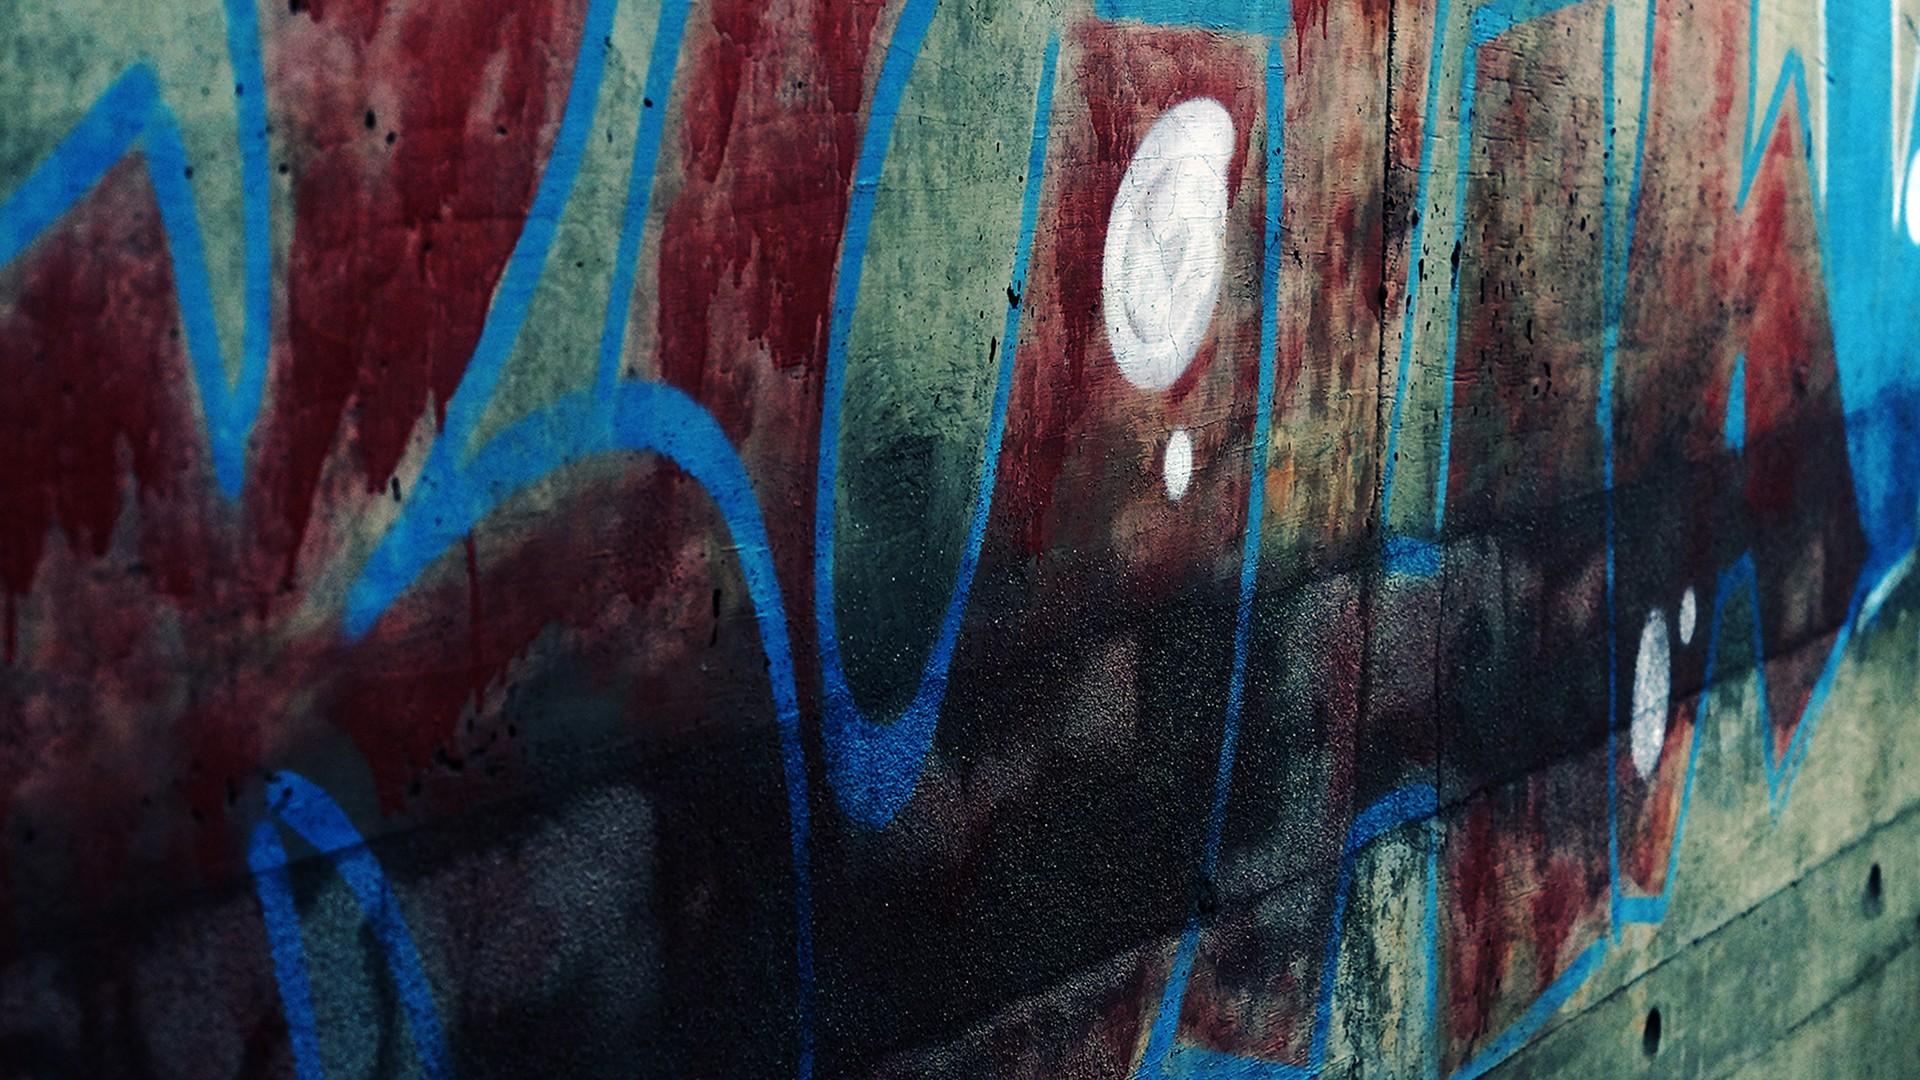 Fond D écran La Peinture Urbain Rouge Mur Bleu